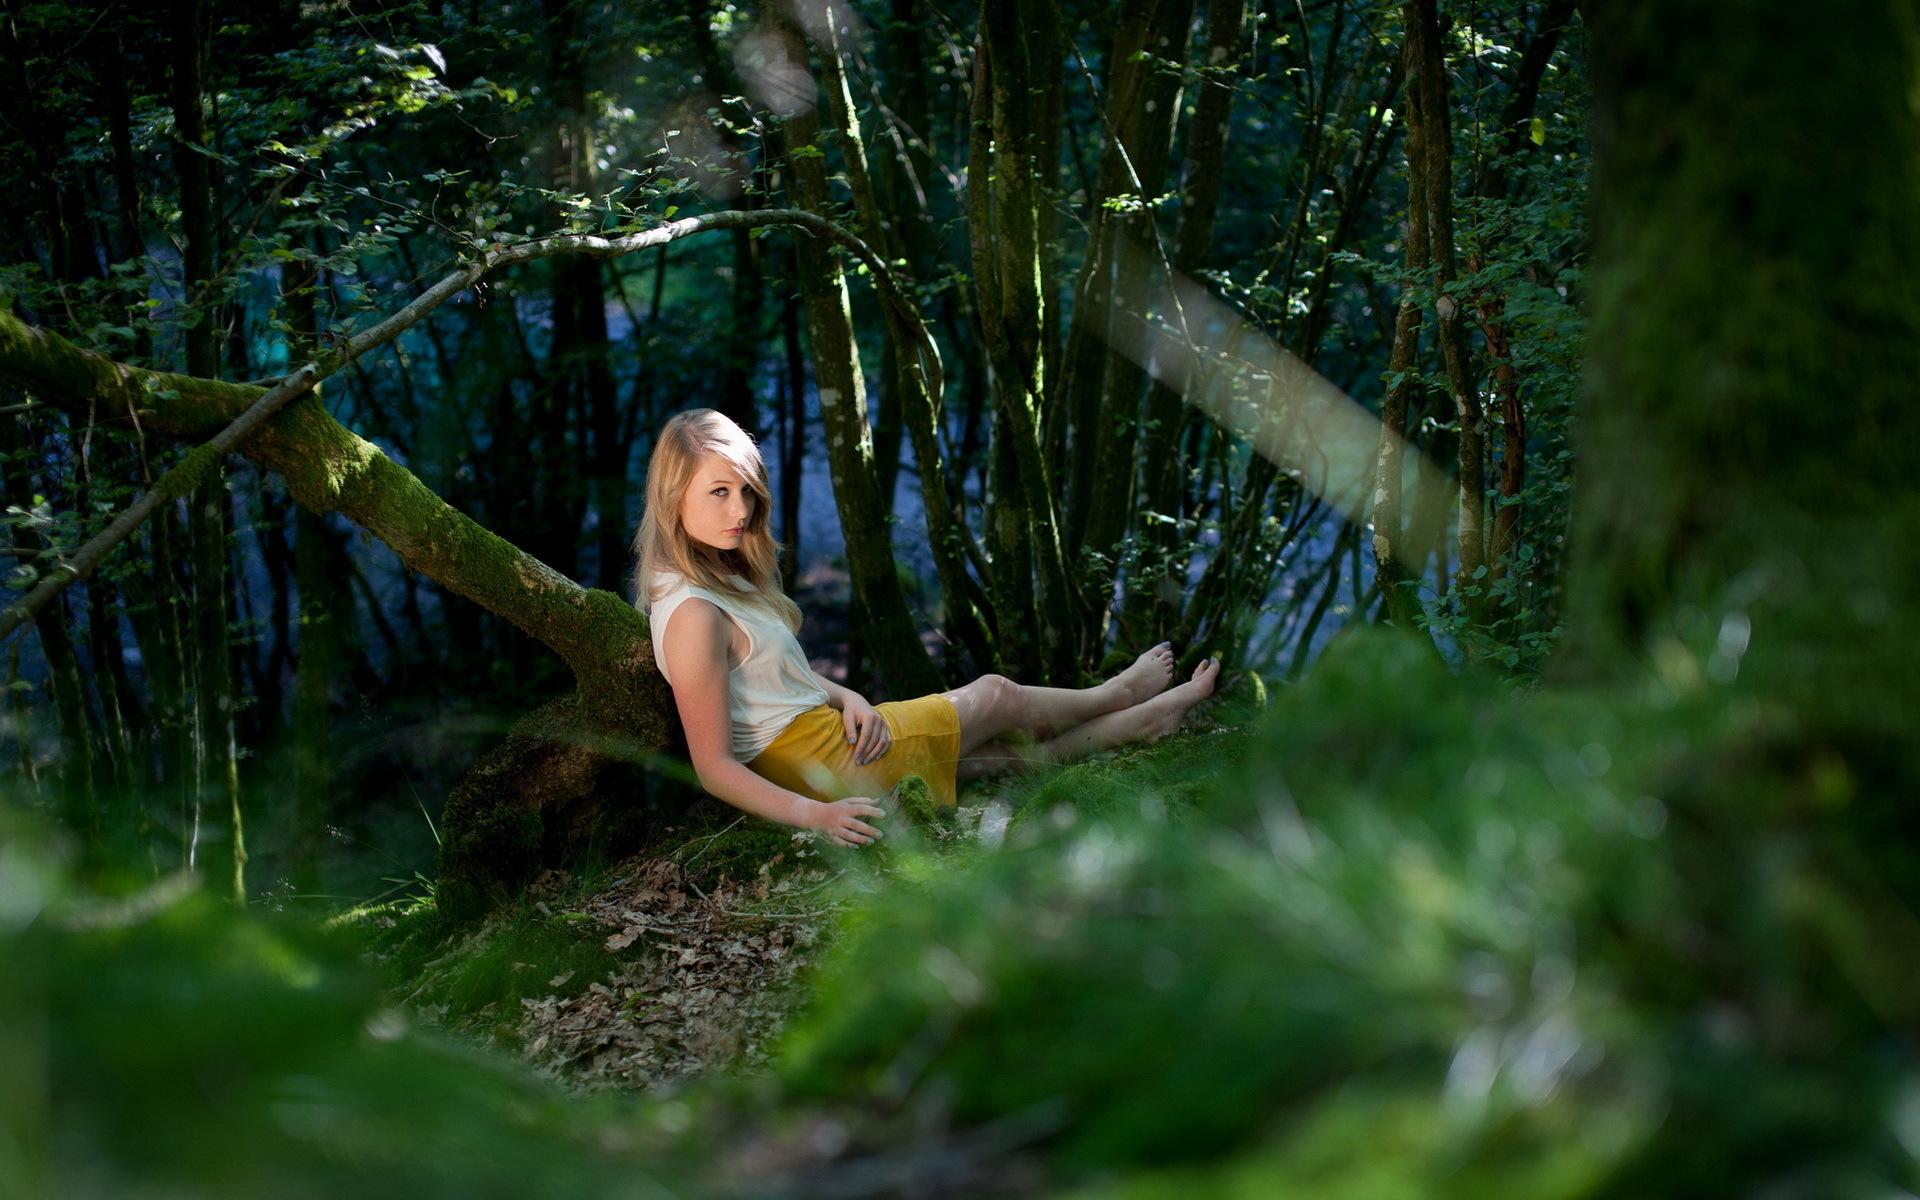 мега порнухе развлечение девушек в лесу катя кинулась мне